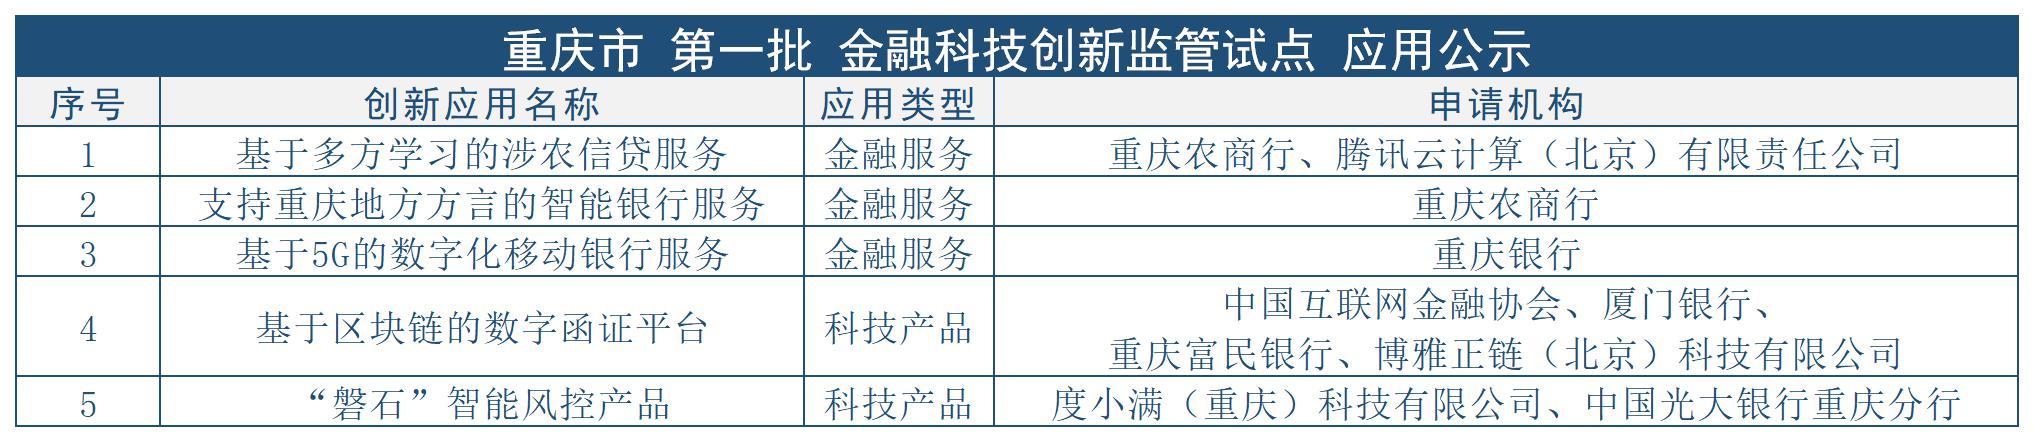 重庆首批金融科技创新监管试点应用公示:紧扣地域特点,着力破解小微、涉农难题